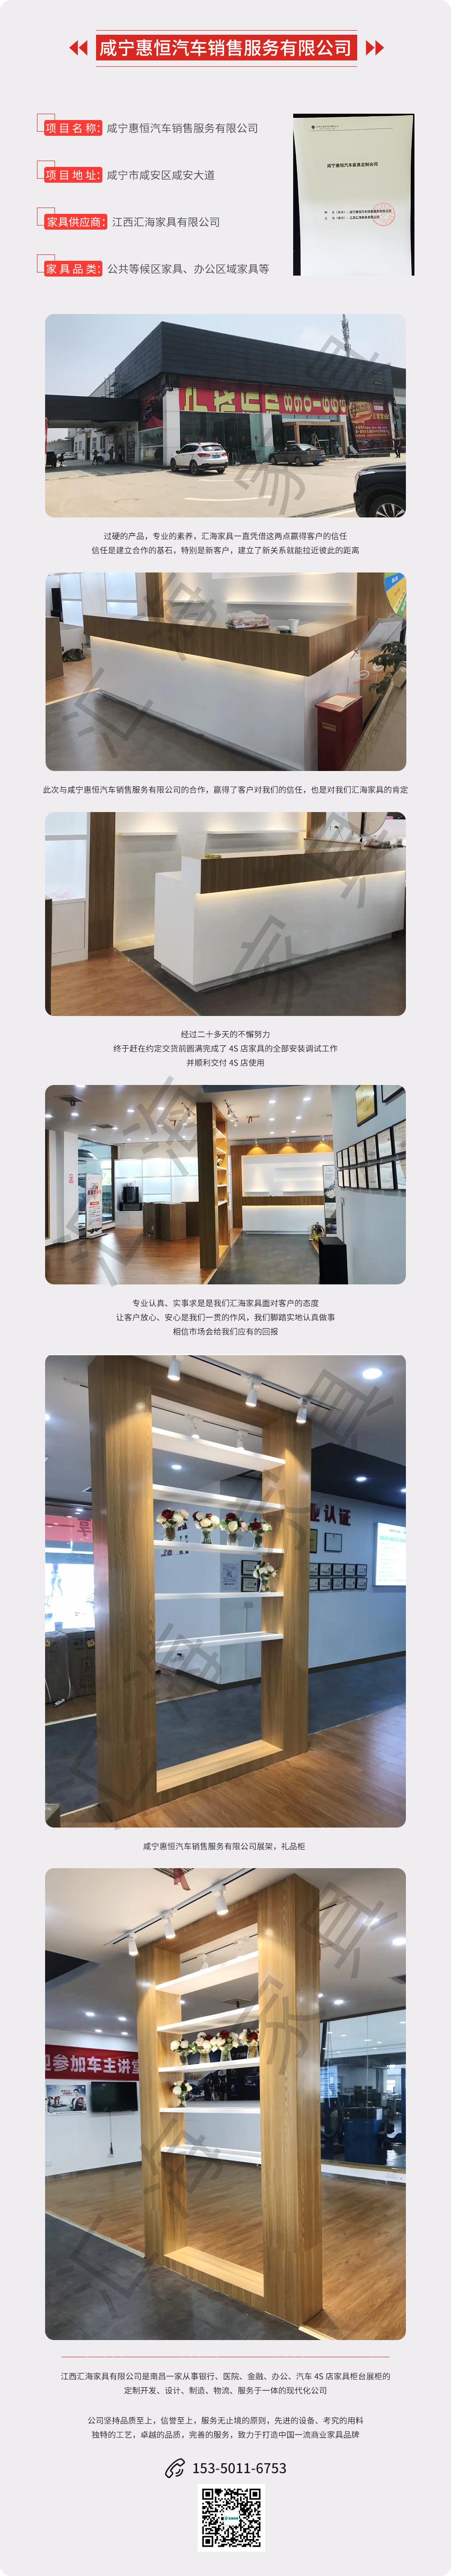 咸寧惠恒汽車銷售服務有限公司.jpg